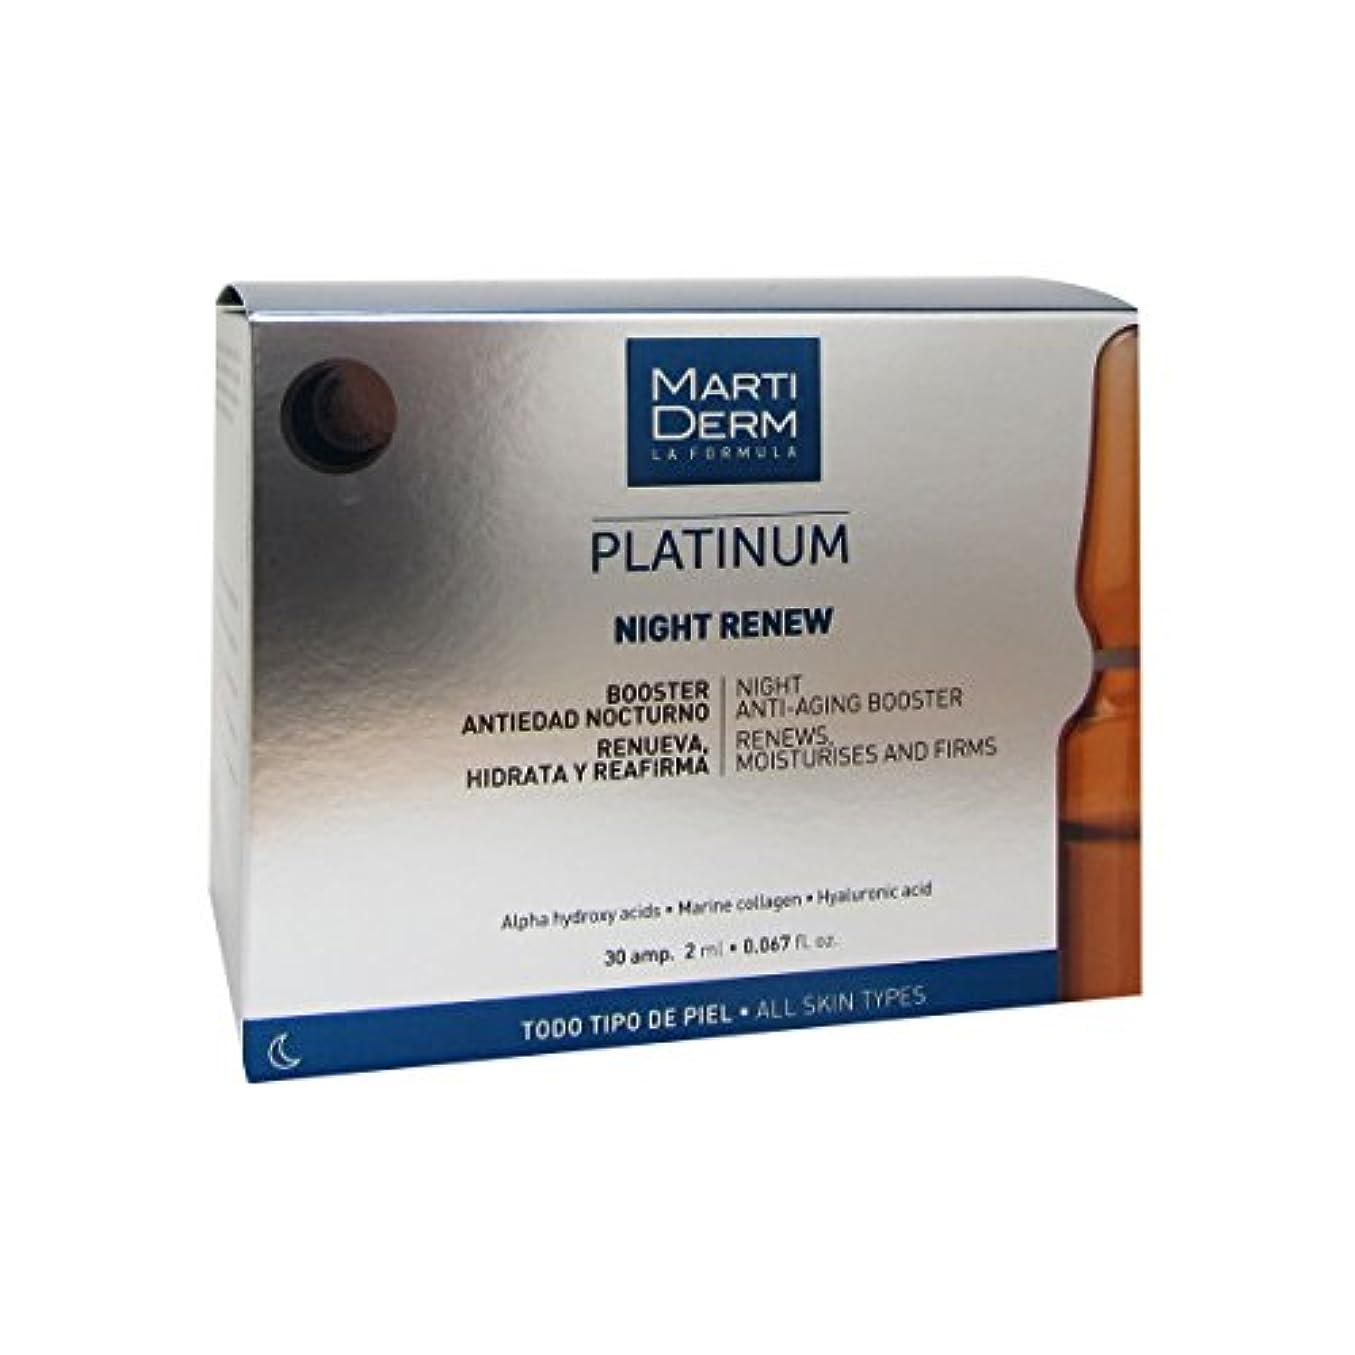 めんどりバリア別にMartiderm Platinum Night Renew Ampoules 30ampx2ml [並行輸入品]